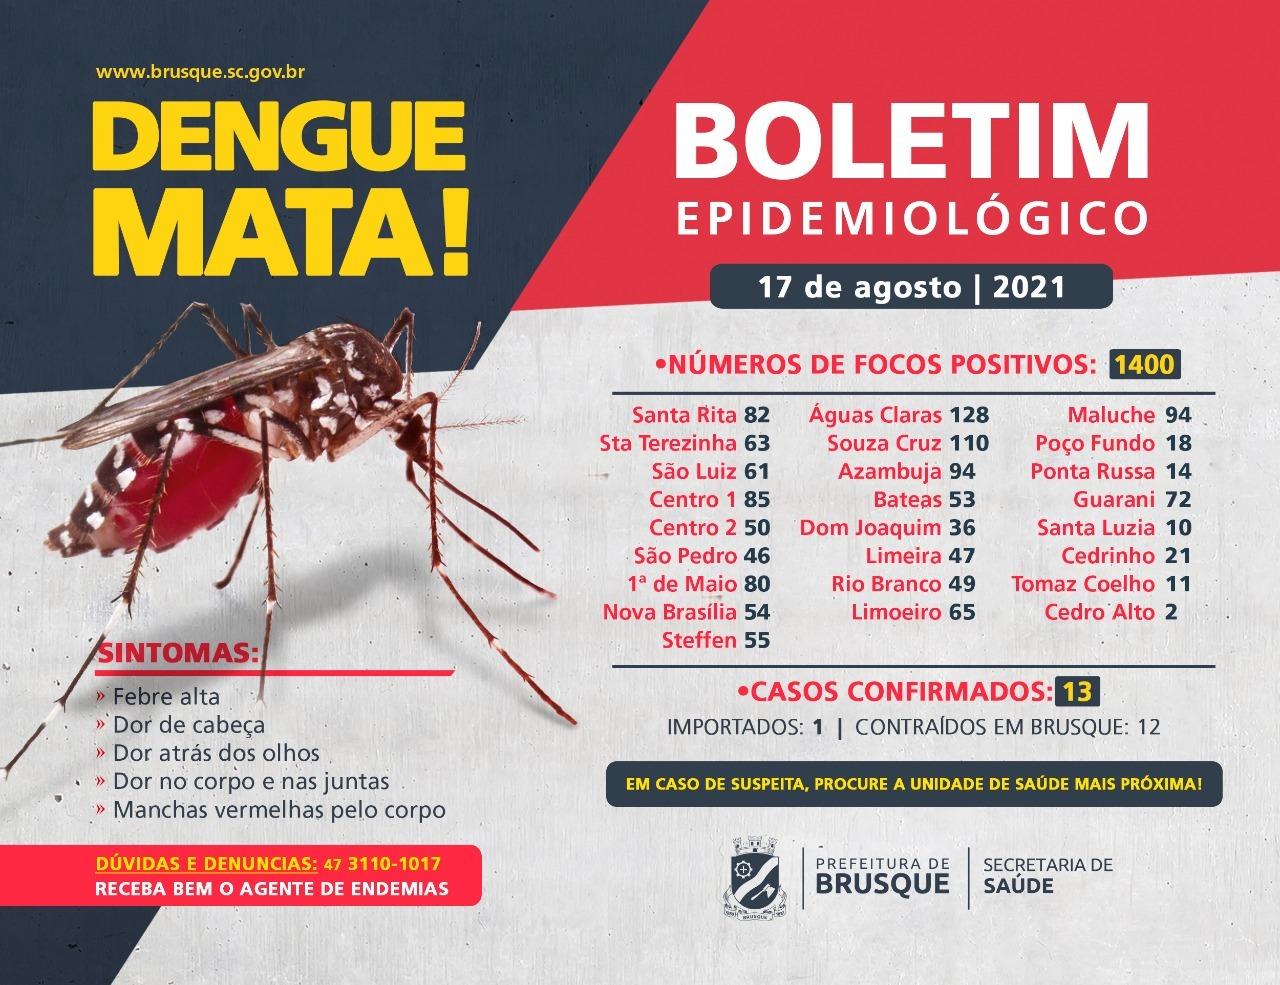 Dengue: focos em Brusque totalizam 1.400 no ano